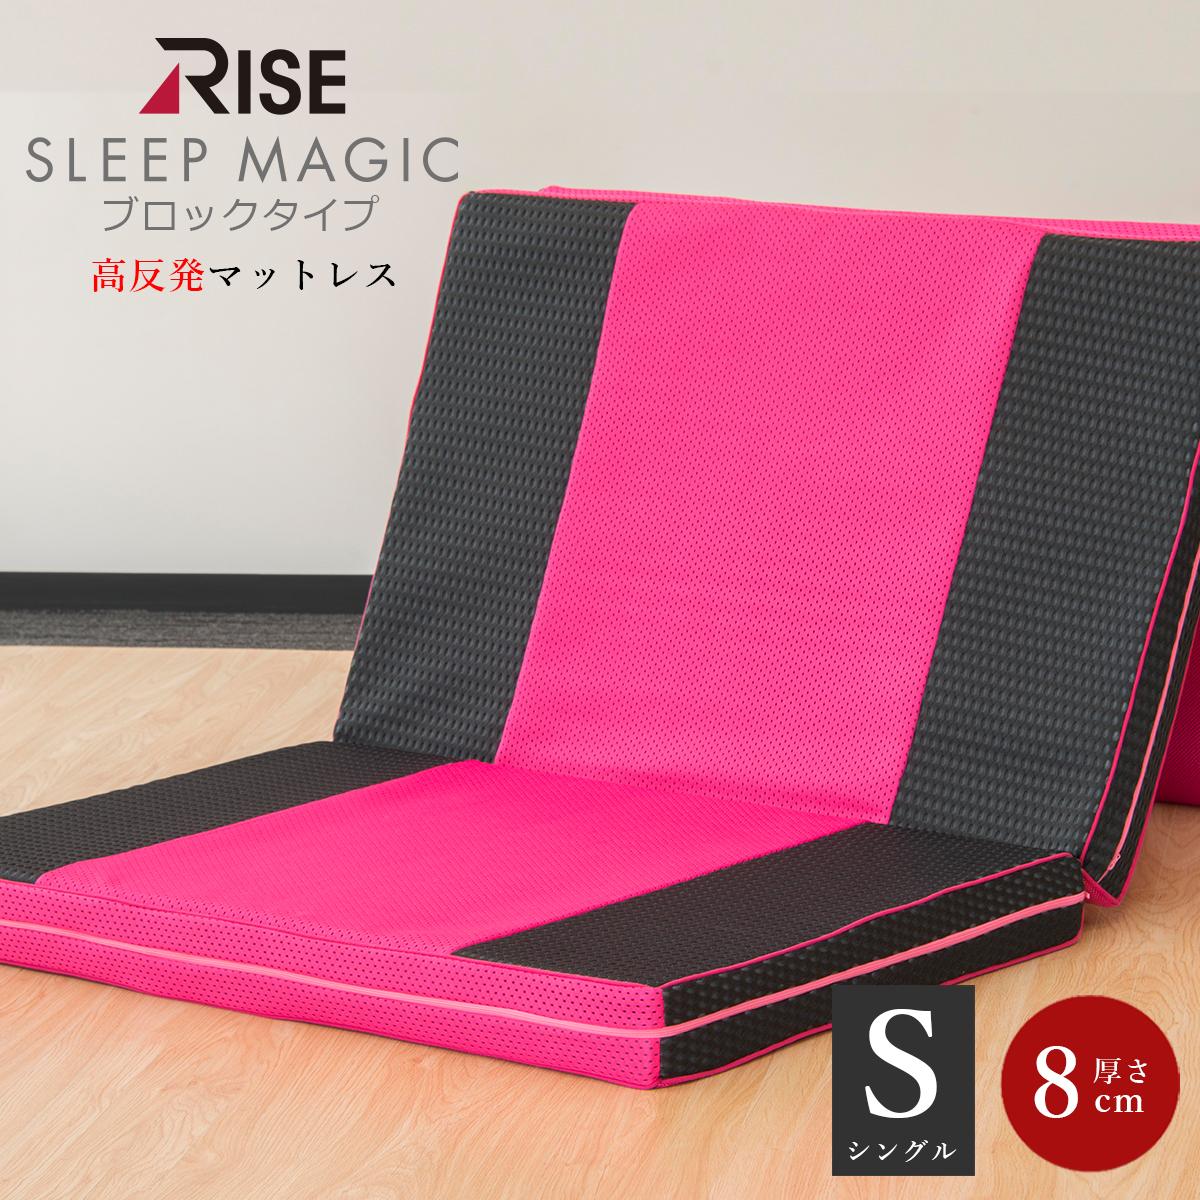 スリープマジック 高反発マットレス V02 シングルサイズ 三つ折りタイプ ブロックカット 厚さ8cm 寝がえり楽々 ライズTOKYOの高反発マットレス